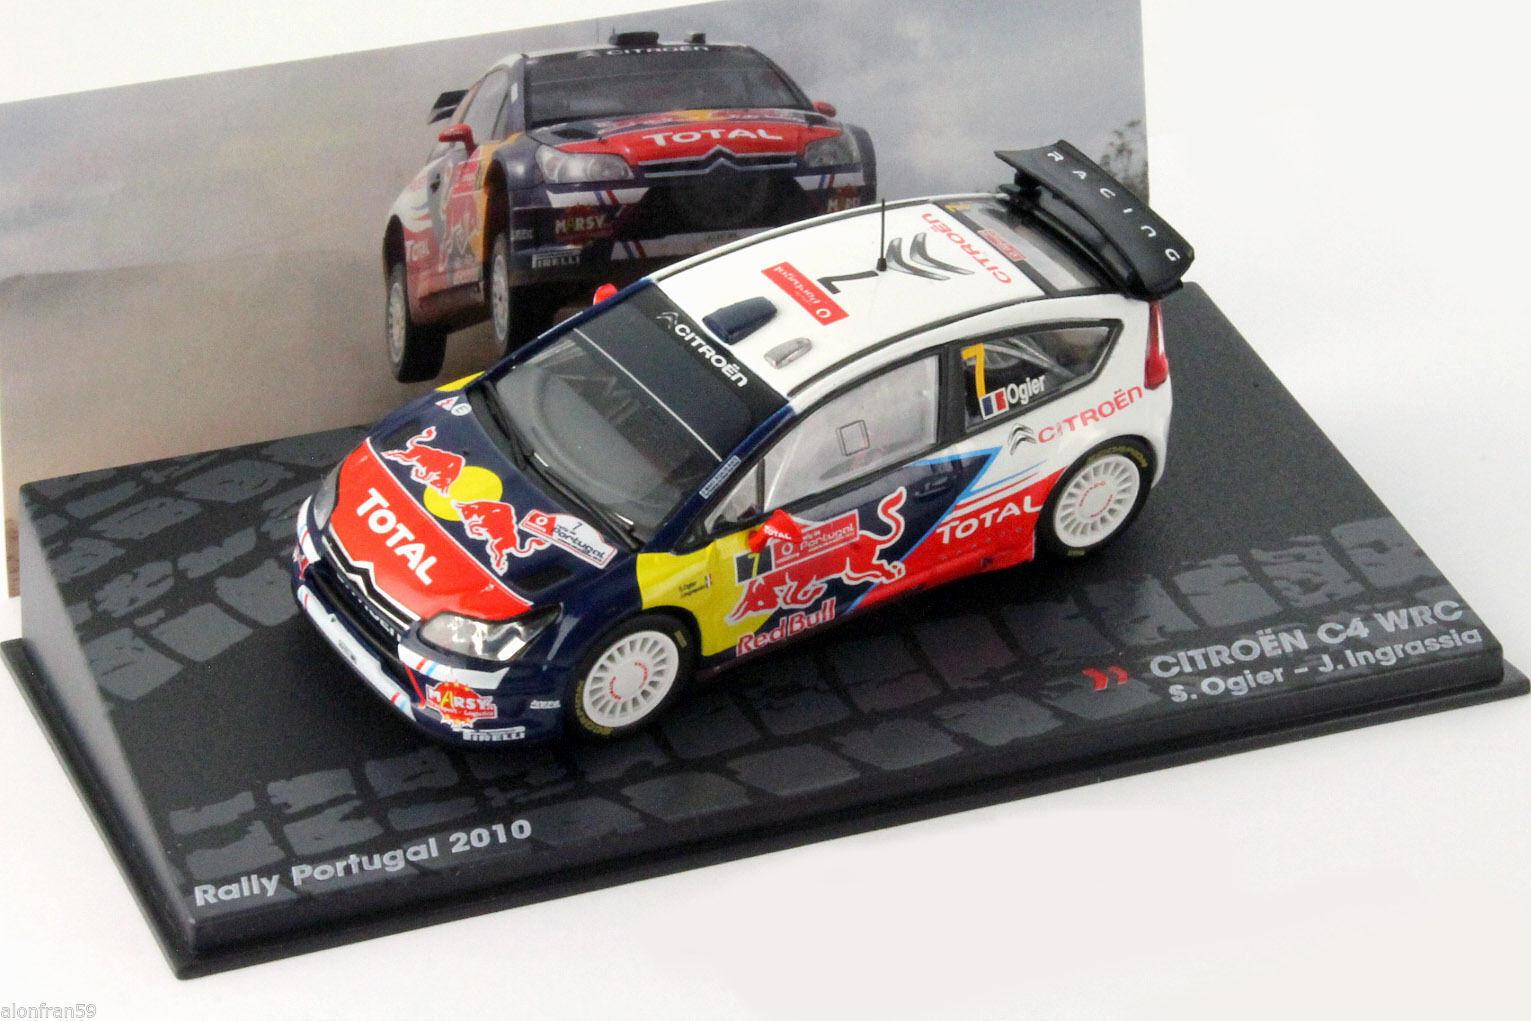 RALLY Ixo MOULÉ SOUS PRESSION 1 43 Citroen C4 WRC- Ogier Ingrassia. Ixo eRAL017